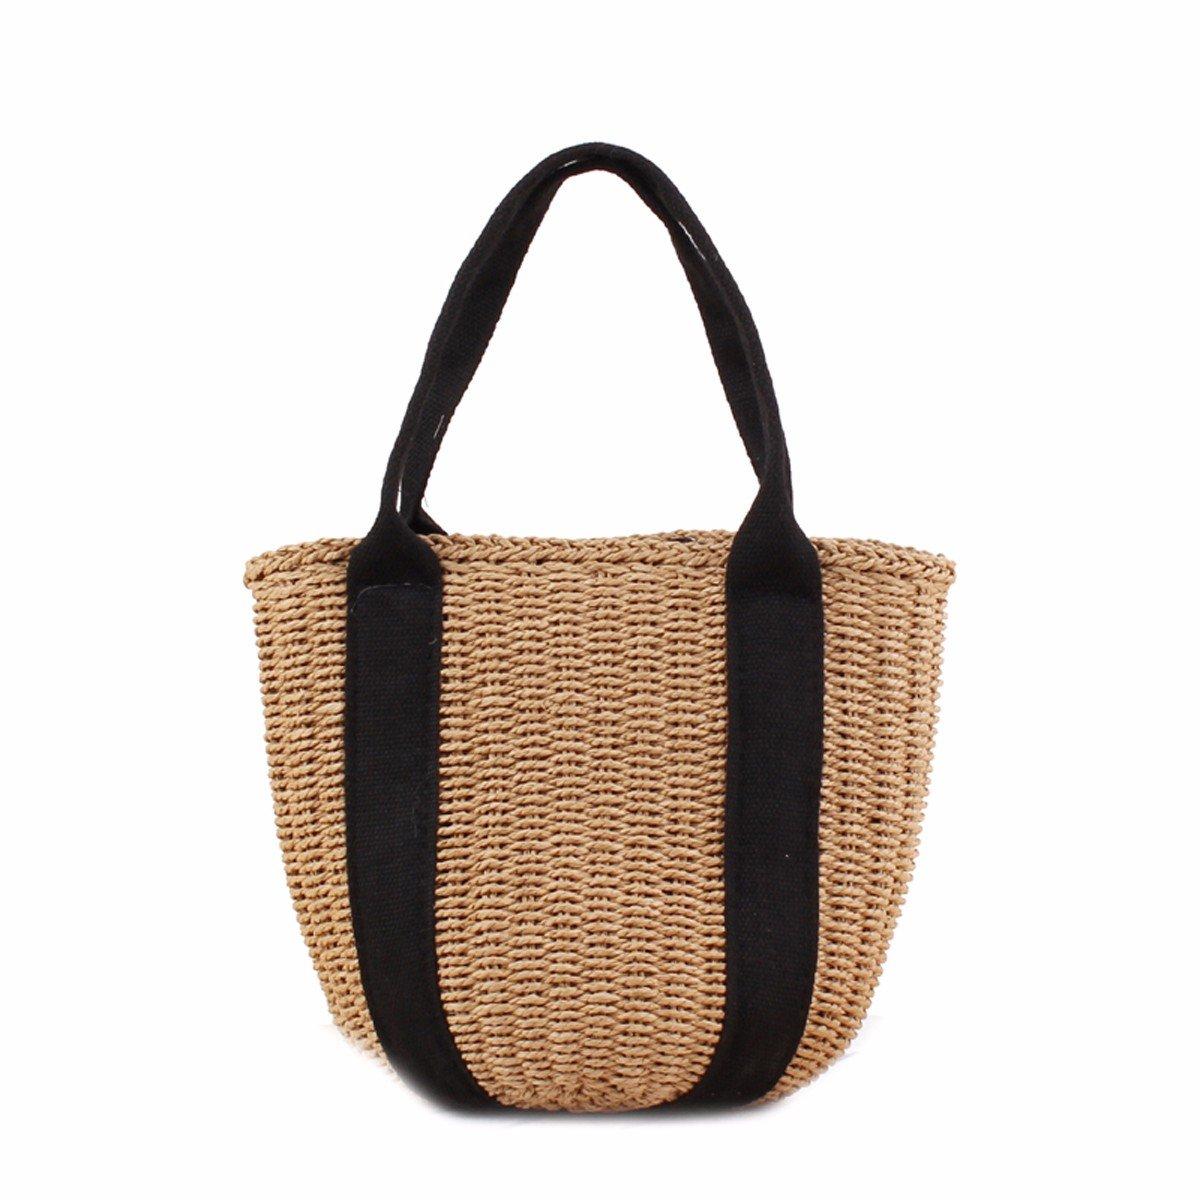 GTVERNH-der Frauen/Mode Handtasche/All-Match/Handtasche aus Tasche Hand Trug Schleife Stroh aus Tasche Urlaub Strand - Tasche.